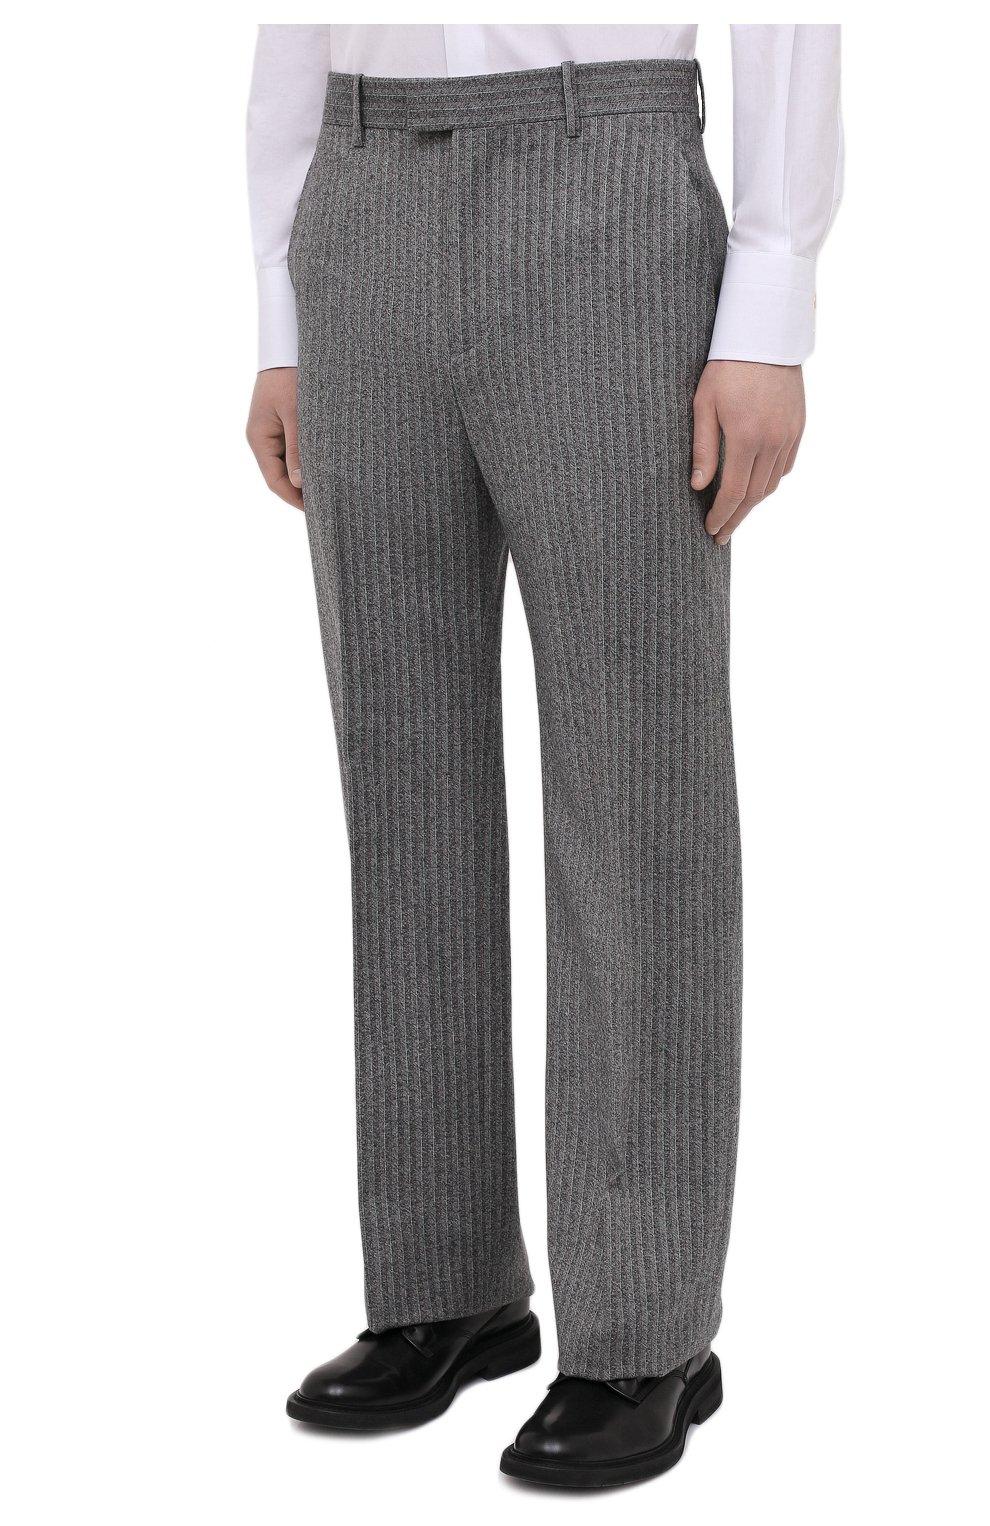 Мужские шерстяные брюки BOTTEGA VENETA серого цвета, арт. 644549/V0EV0 | Фото 3 (Материал внешний: Шерсть; Длина (брюки, джинсы): Стандартные; Случай: Повседневный; Стили: Минимализм)